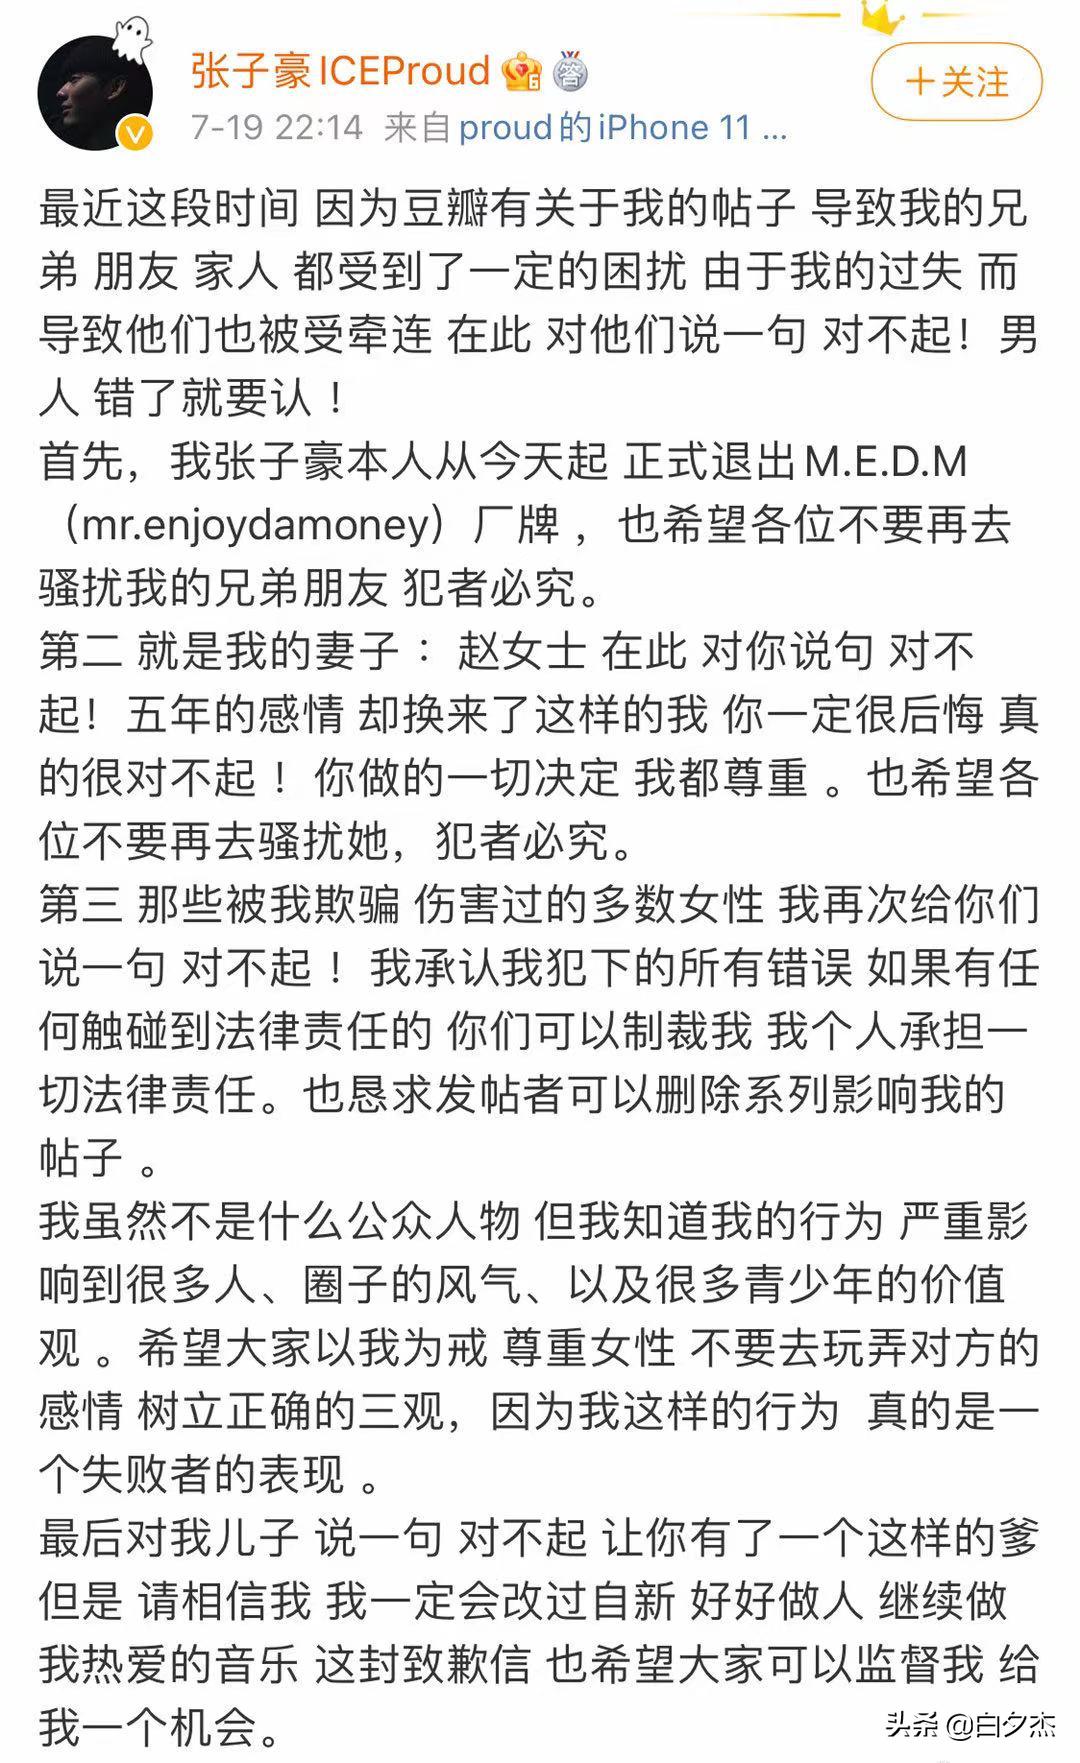 《中国新说唱2020》选手张子豪发文道歉:男人,错了就要认